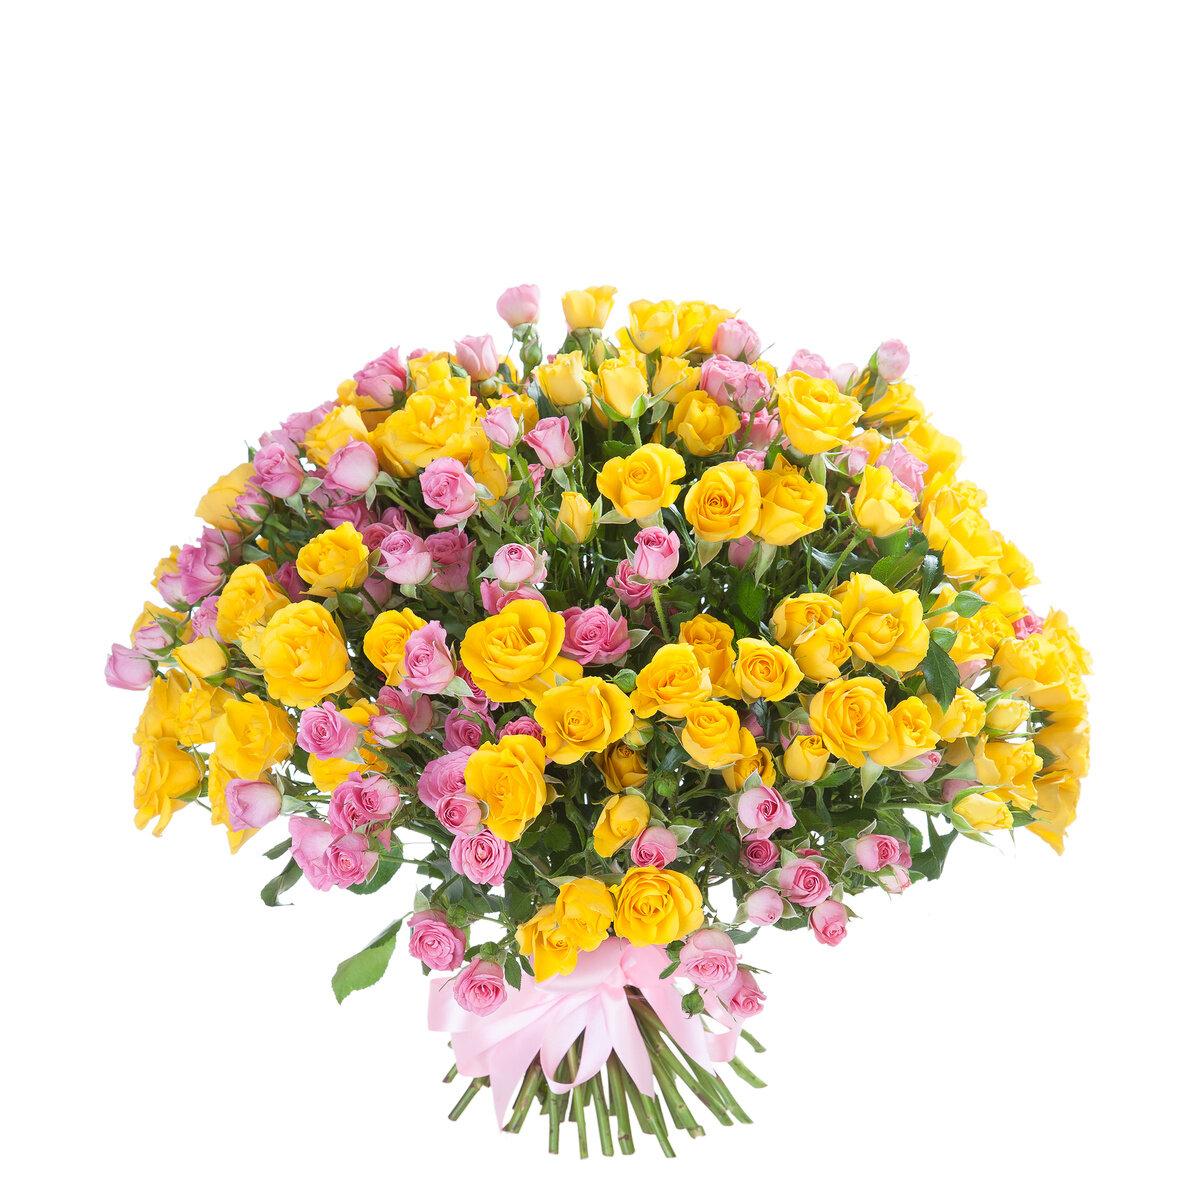 Большой букет желтых цветов, букет тюльпанов